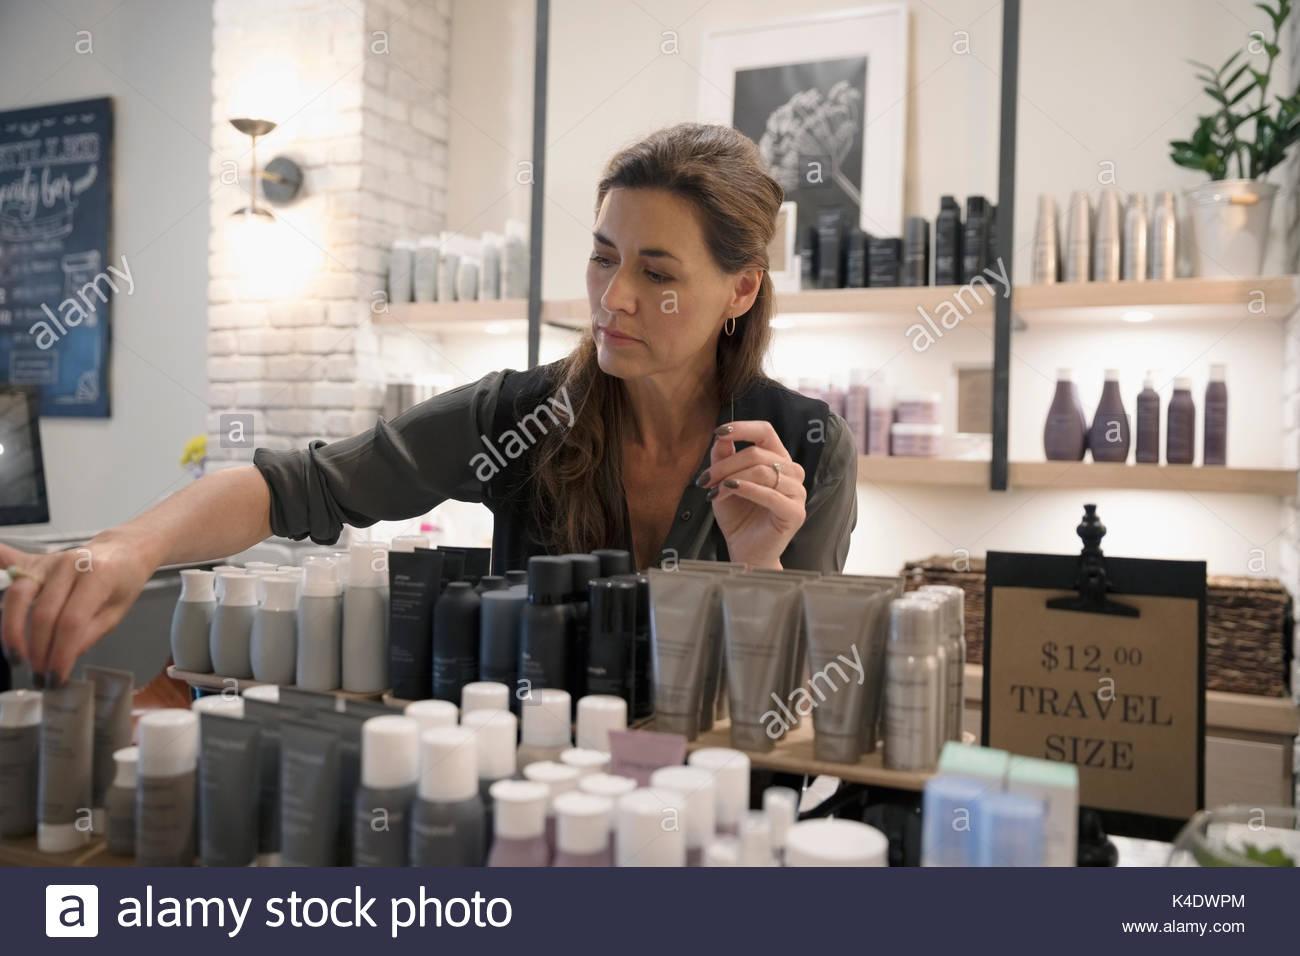 Dueño de la tienda de peluquería femenina organizar la exhibición de productos de belleza Imagen De Stock